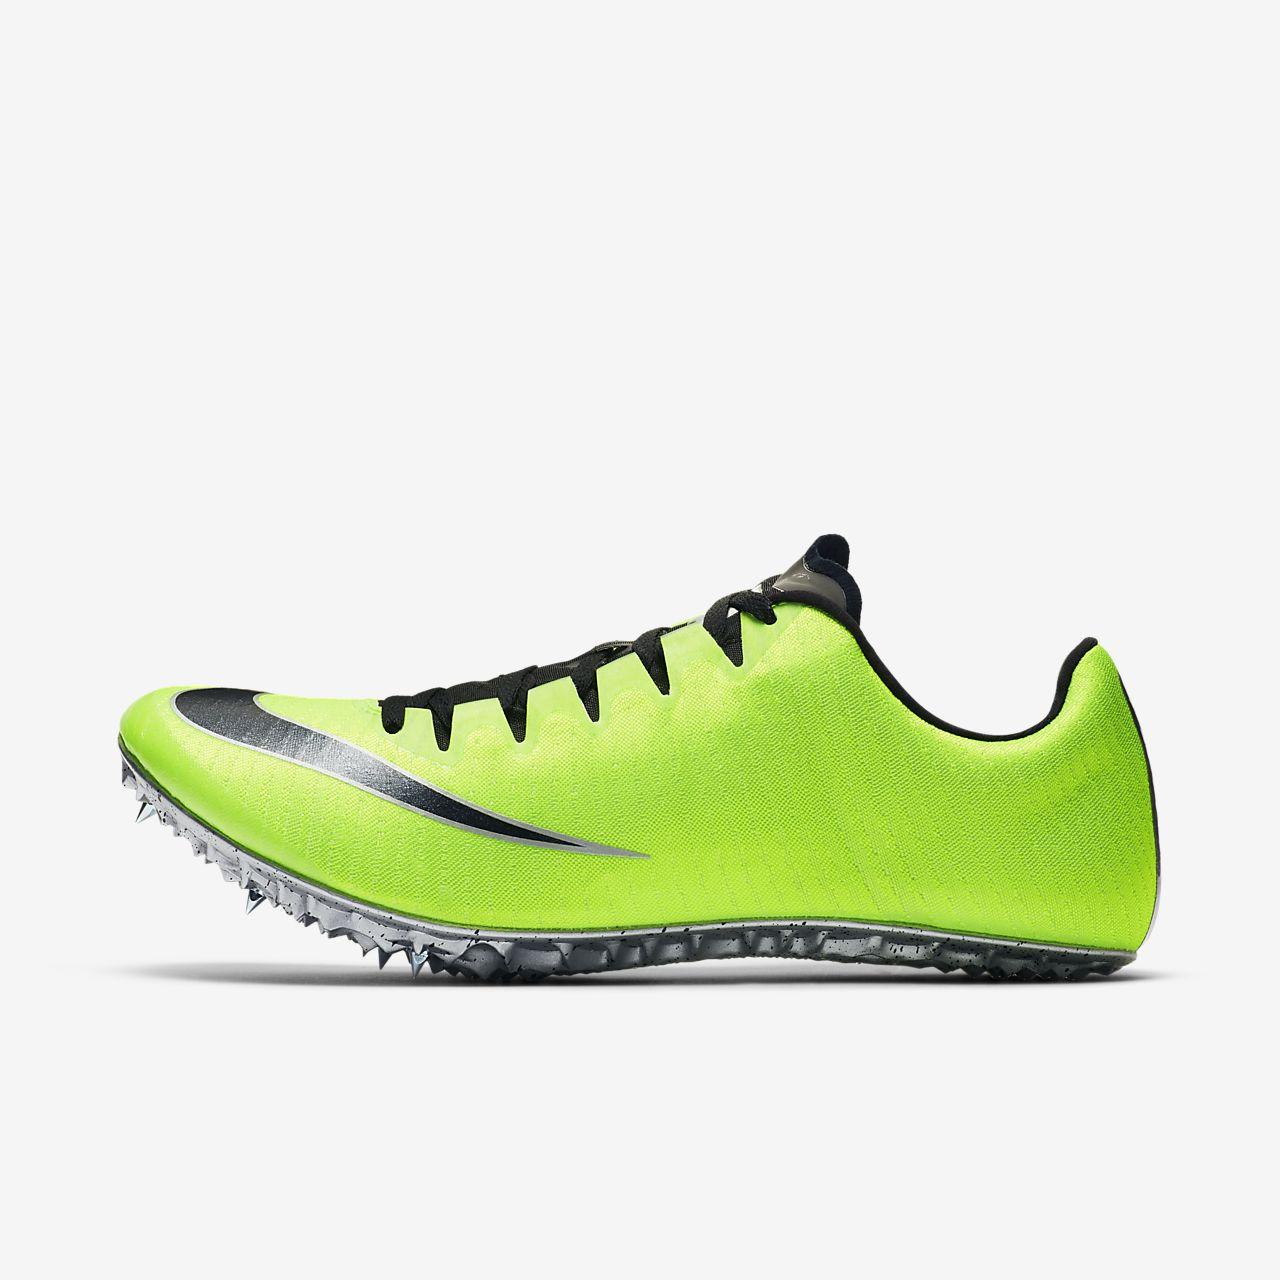 Calzado de carrera con clavos Nike Superfly Elite